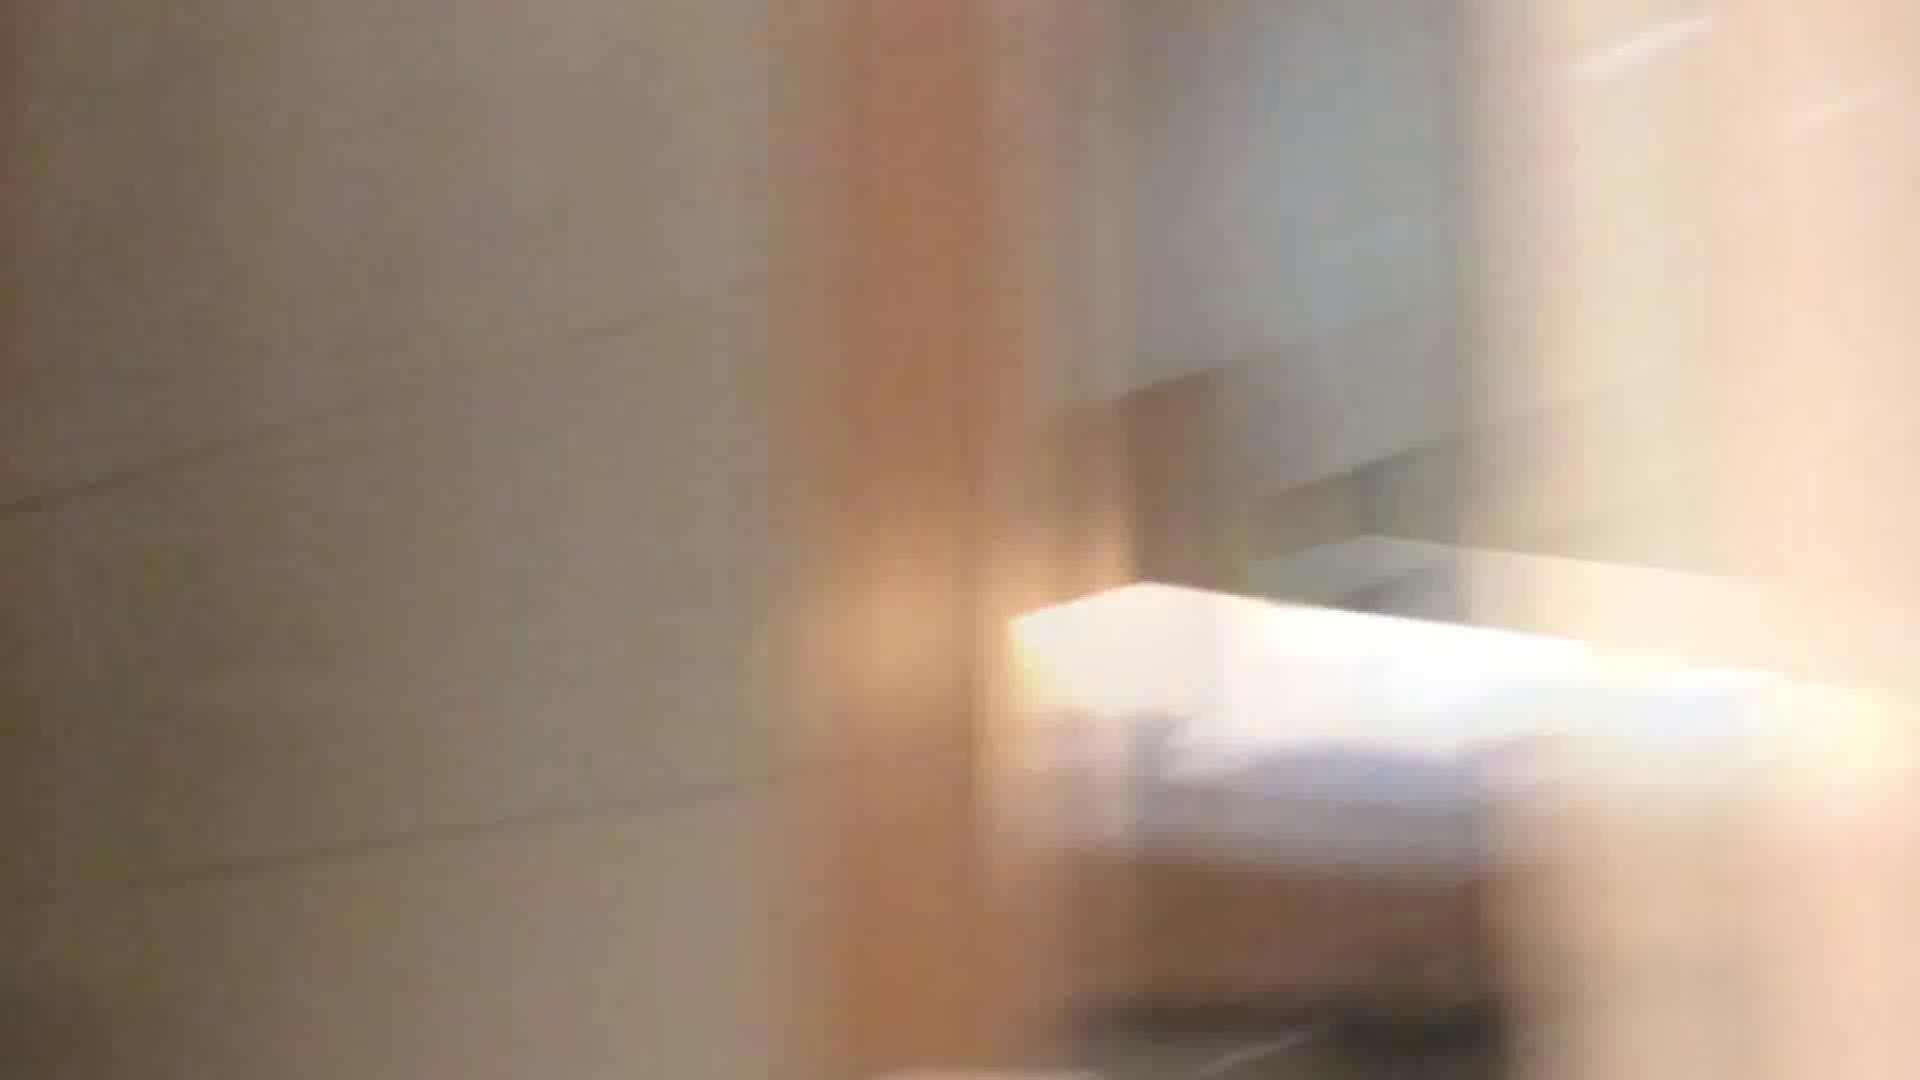 「噂」の国の厠観察日記2 Vol.11 厠隠し撮り  77pic 21